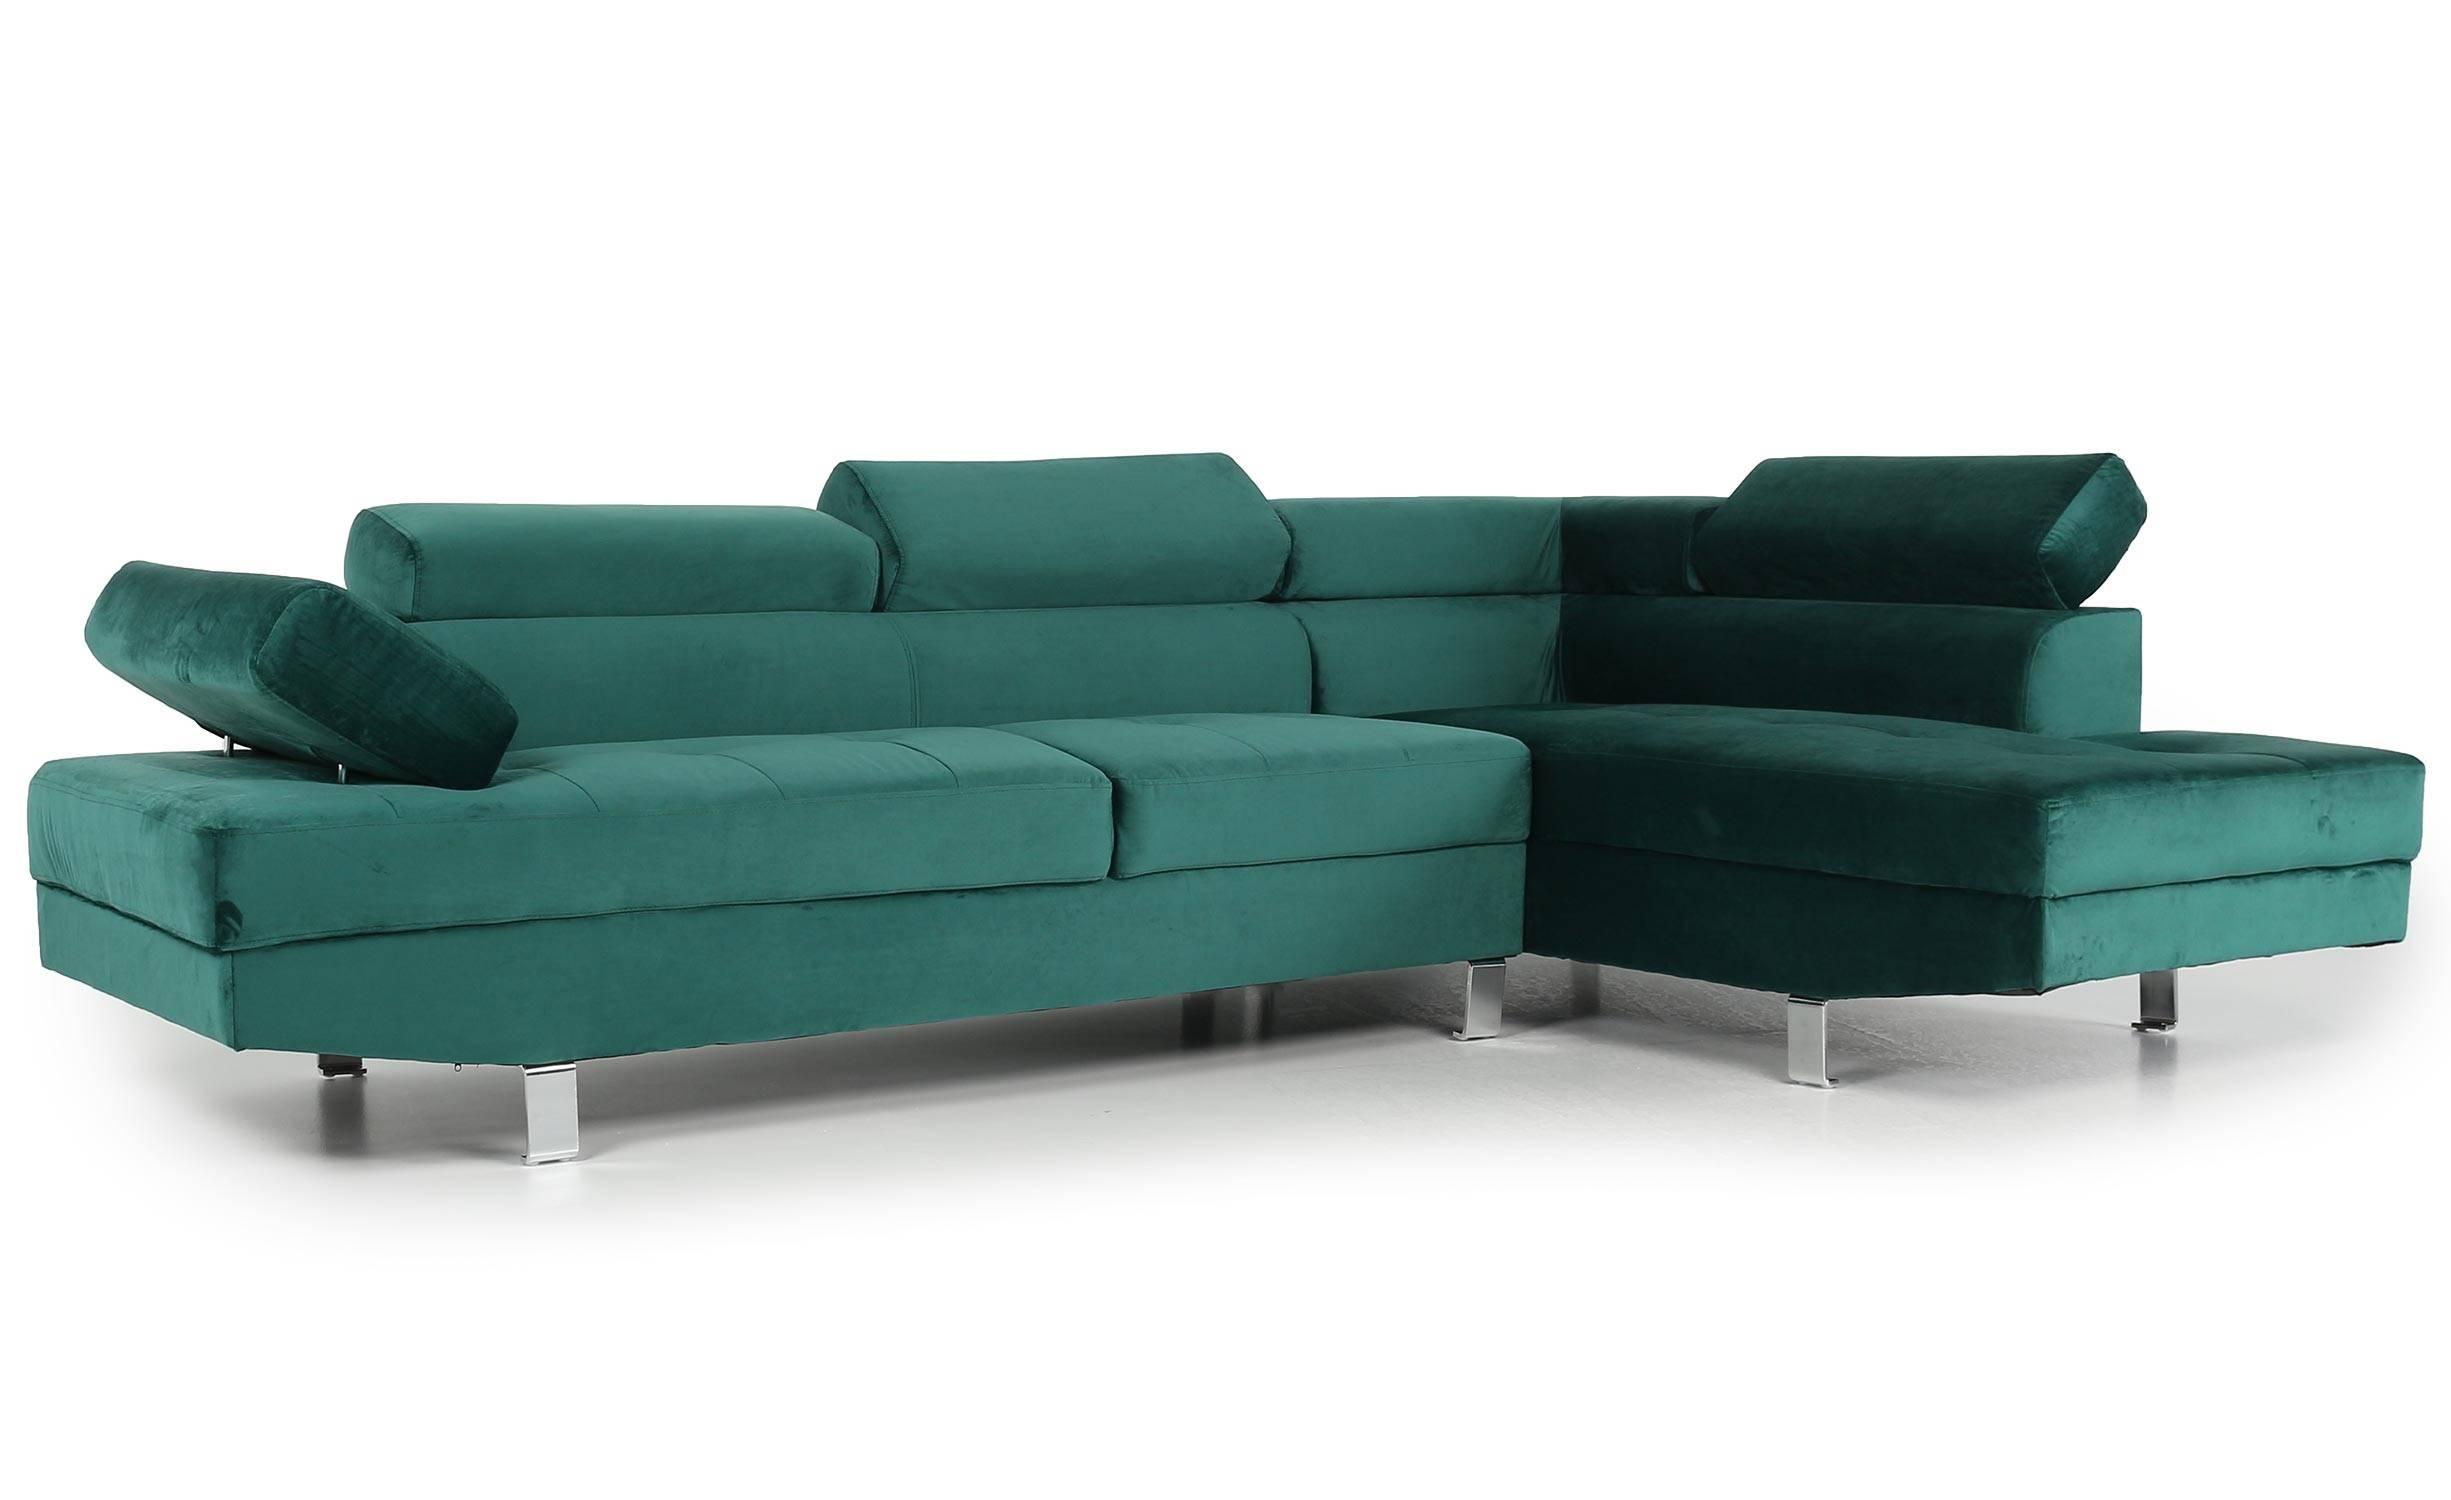 Canapé d'angle avec têtières relevables velours vert